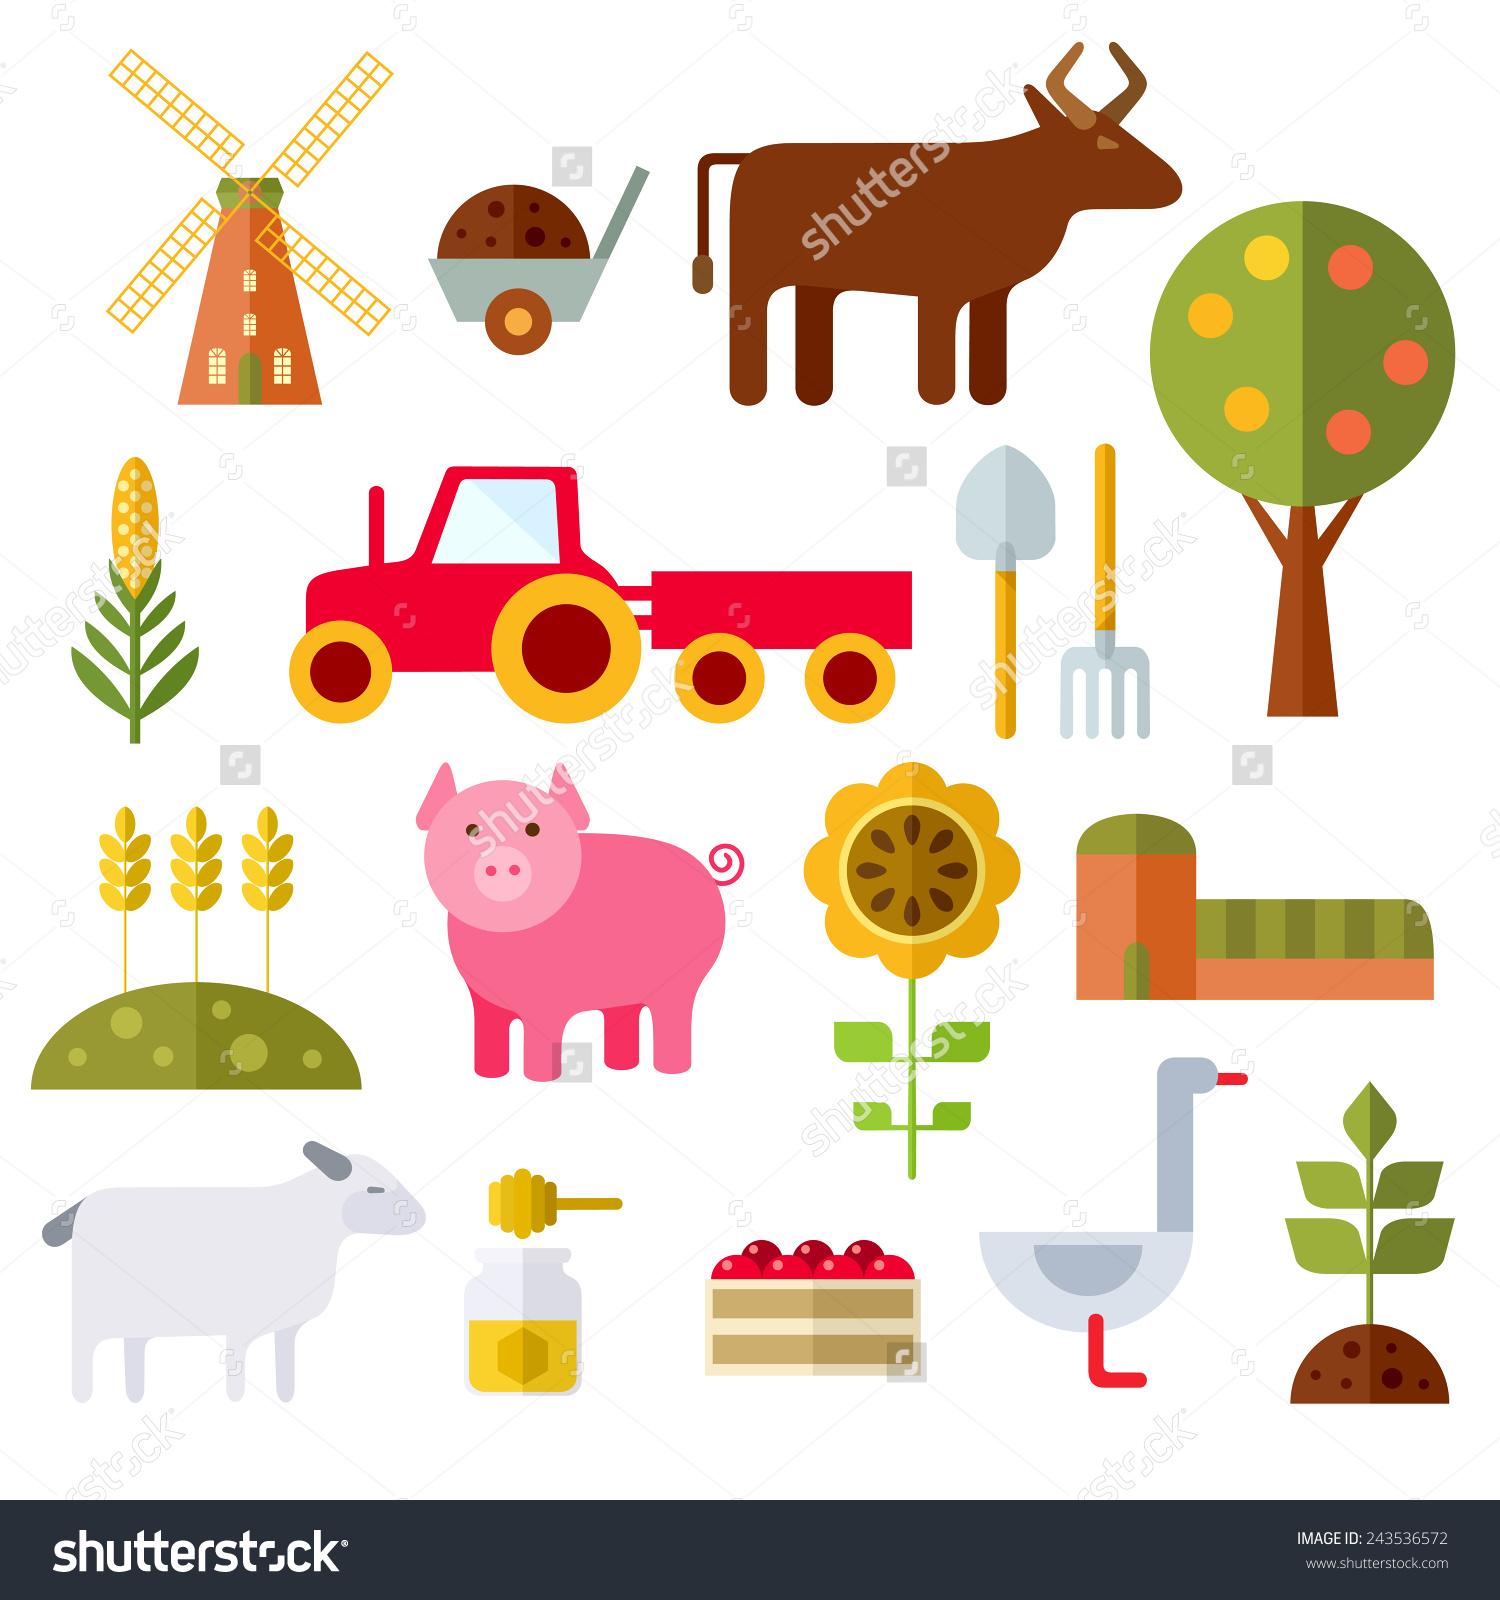 Farm Tools And Equipment Clip Art (41 ).